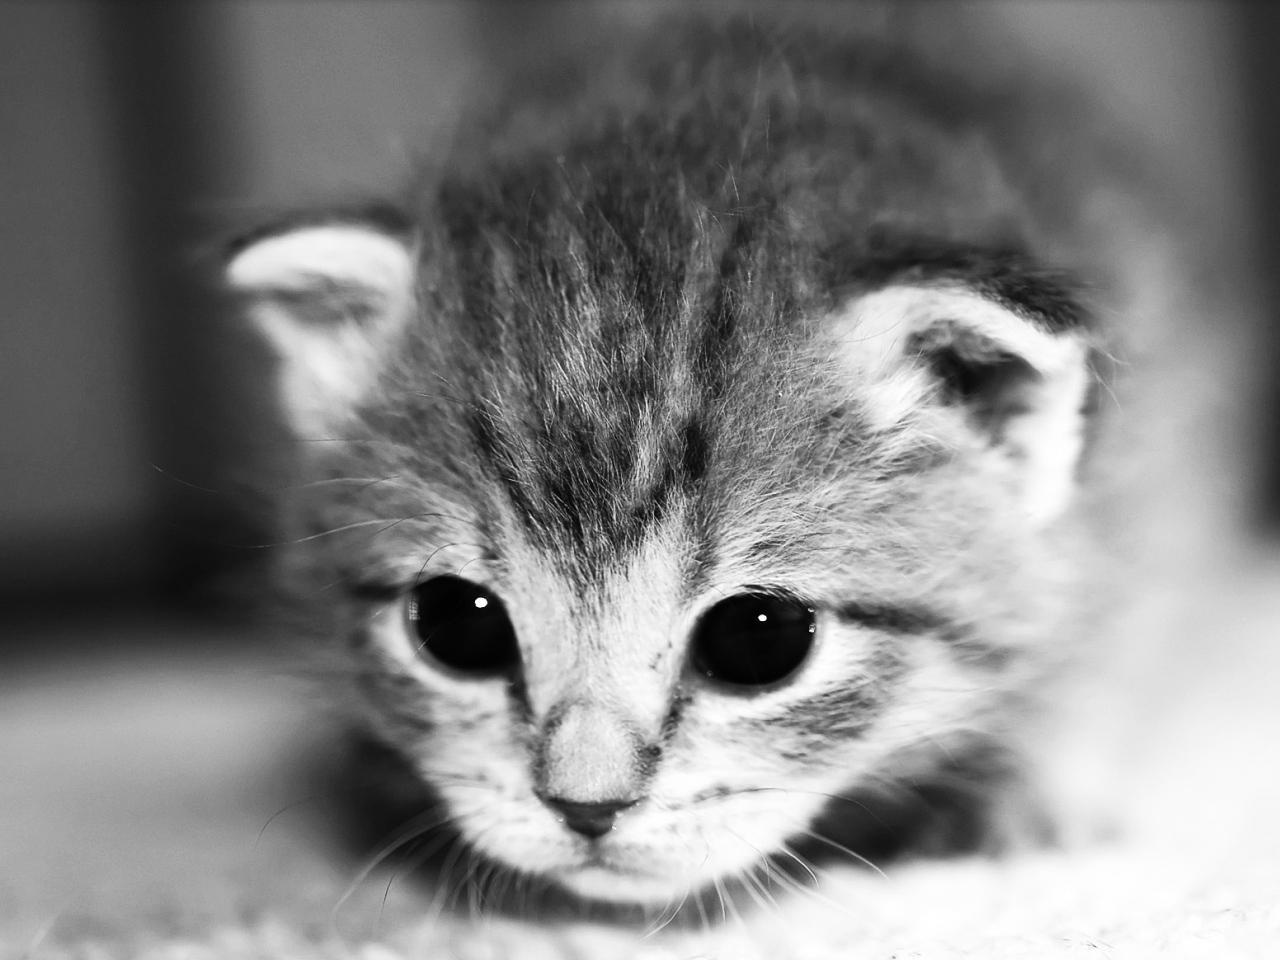 Fond d'écran chat noir et blanc - Fonds d'écran HD